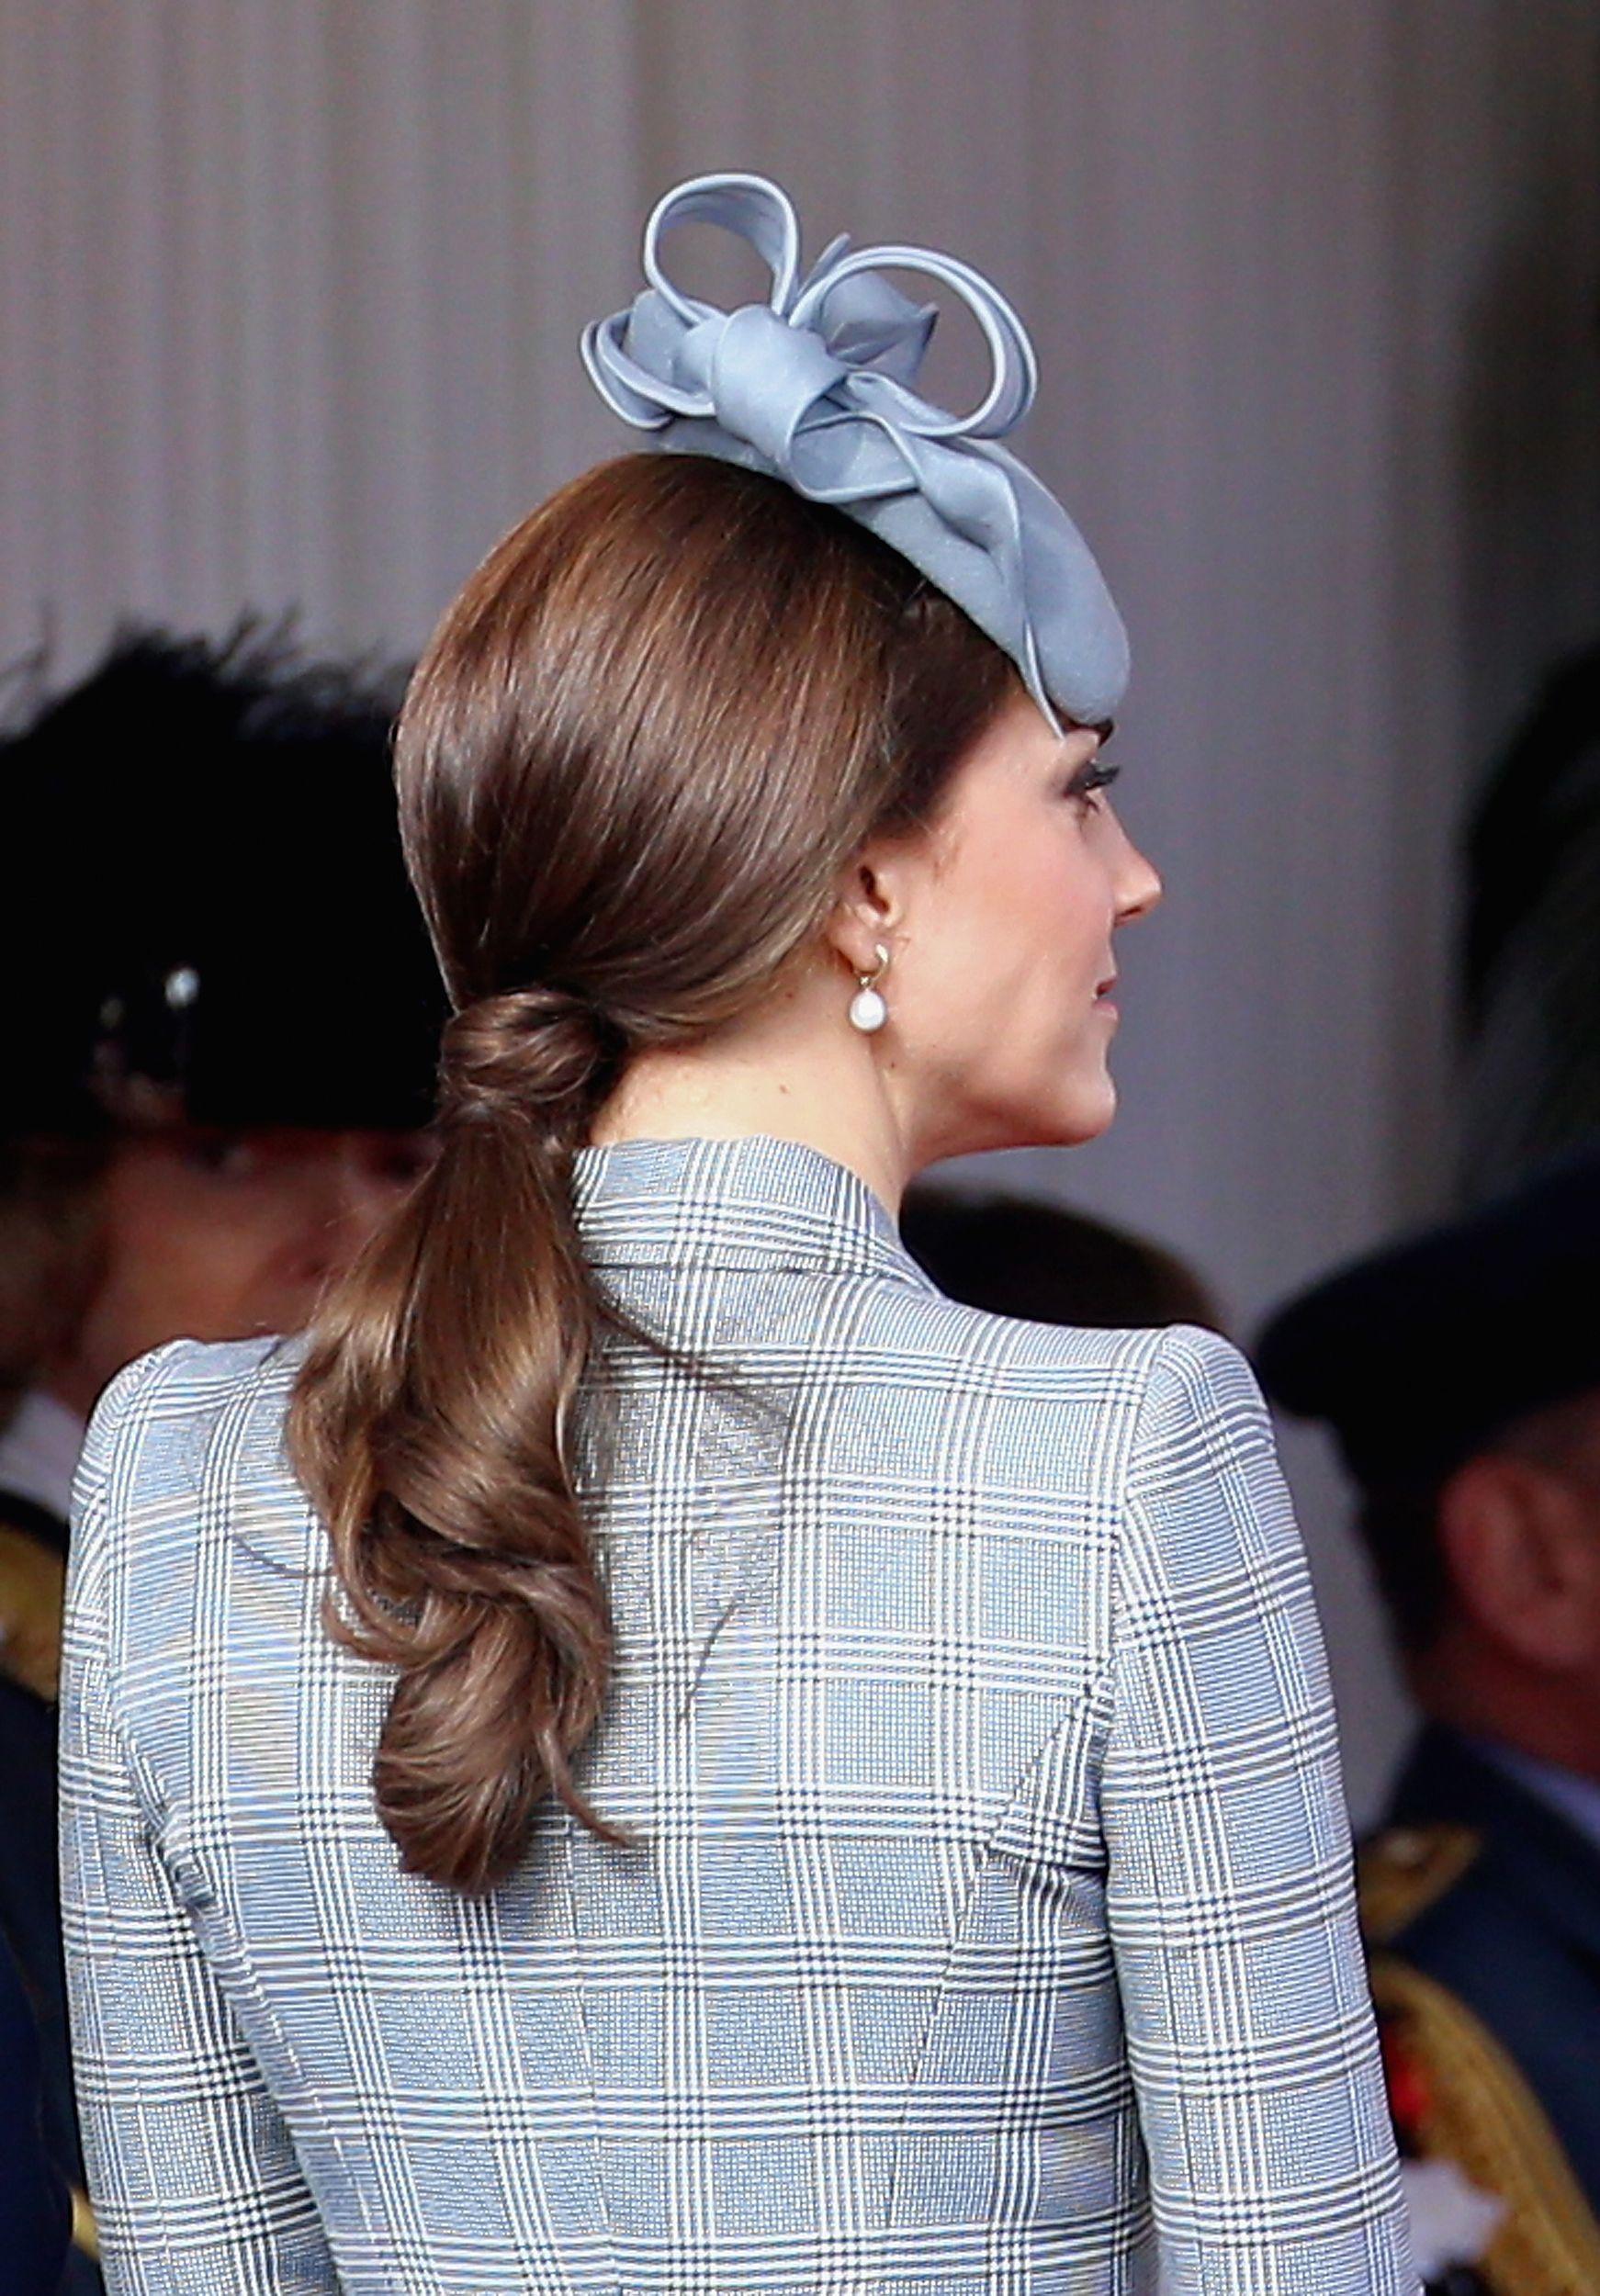 Đúng là đẳng cấp Hoàng hậu tương lai, chỉ riêng chuyện buộc tóc của Công nương Kate cũng khiến dân tình trầm trồ - Ảnh 5.